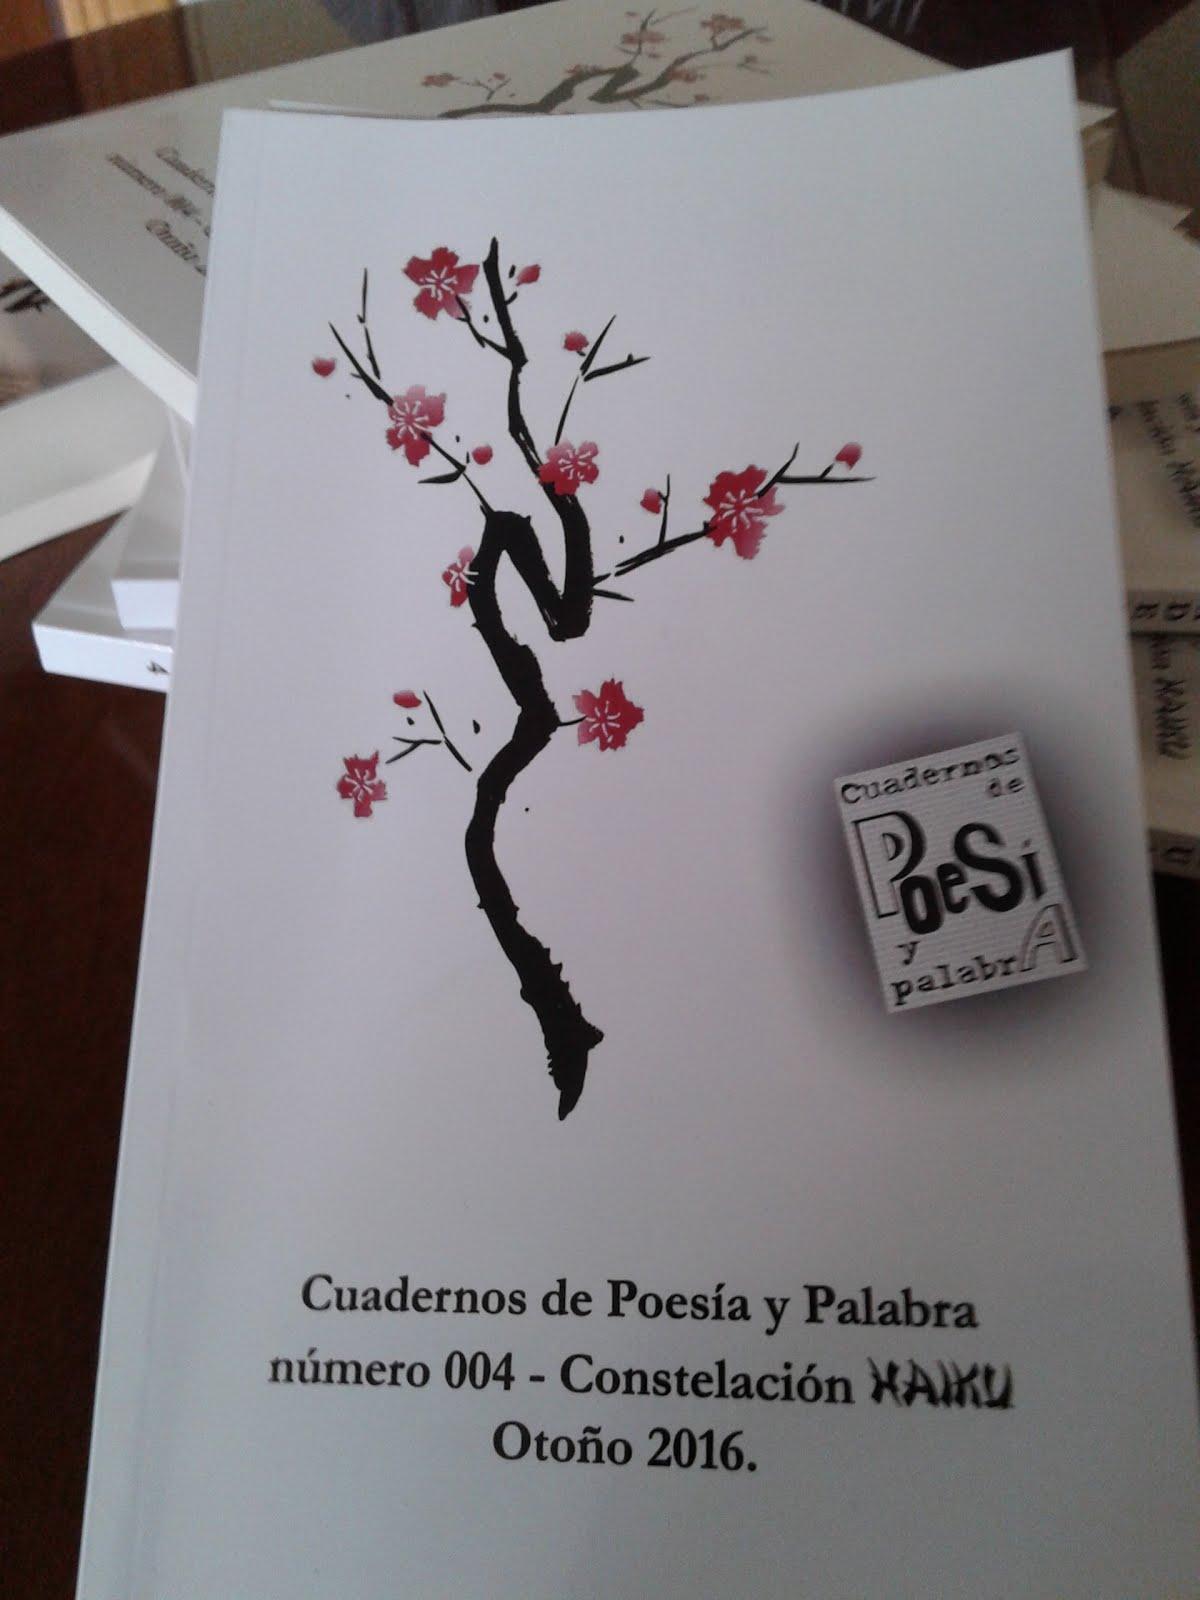 Cuadernos de Poesía y Palabra - Constelación HAIKU - Novbre. 2016